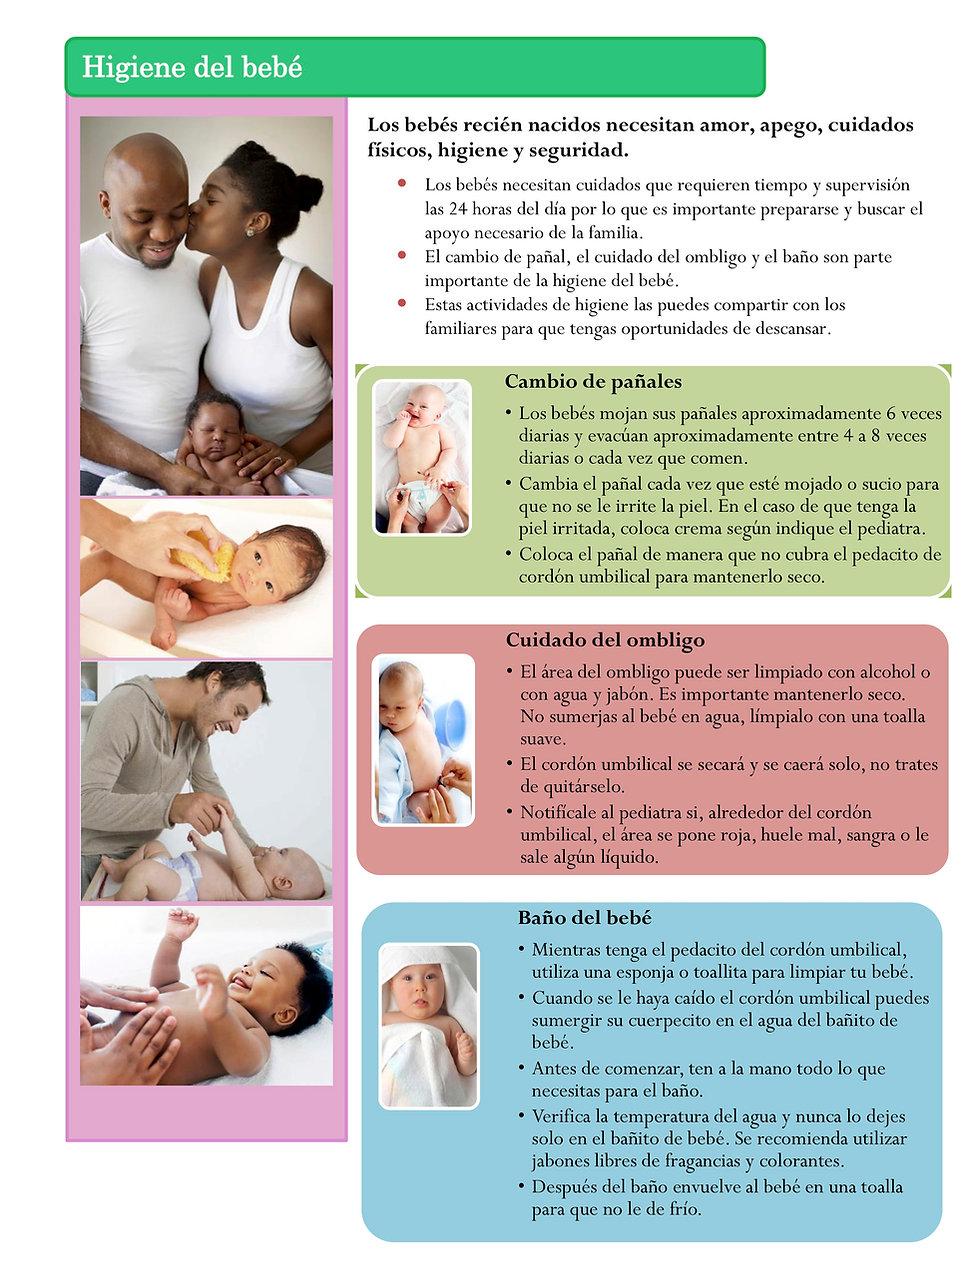 9. Higiene del bebé.jpg